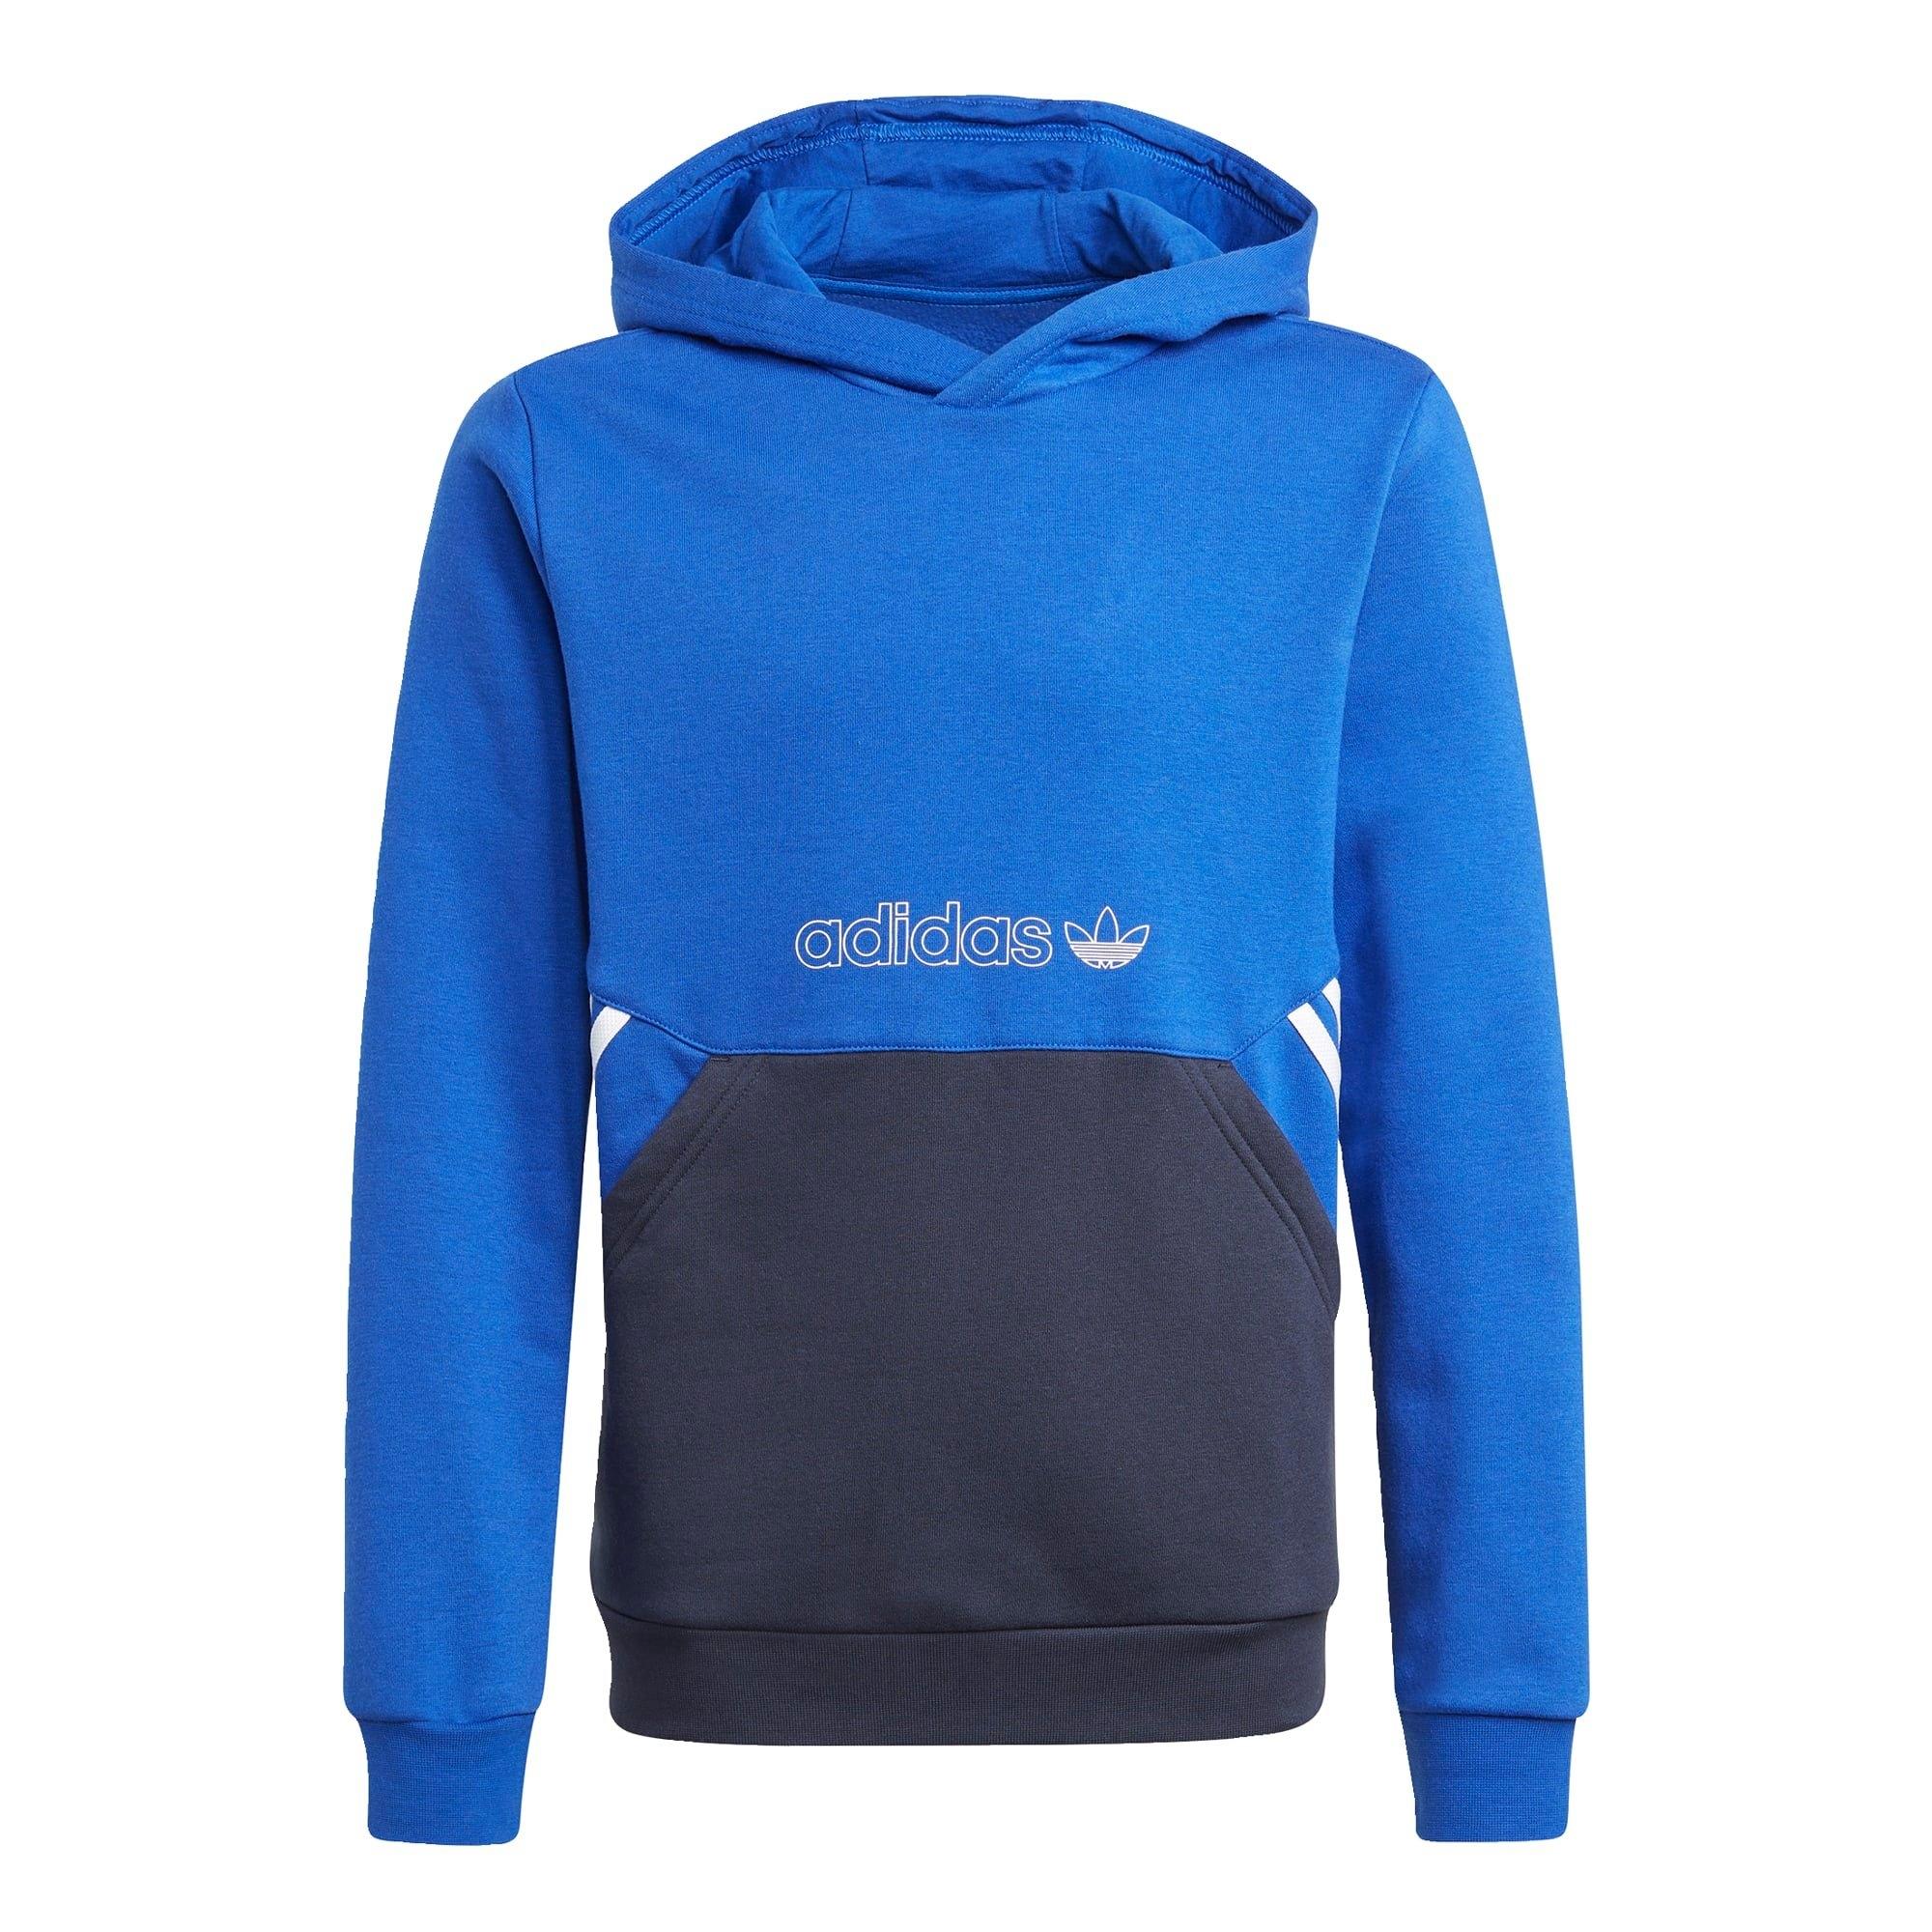 adidas Originals hoodie »ADIDAS SPRT COLLECTION« bij OTTO online kopen